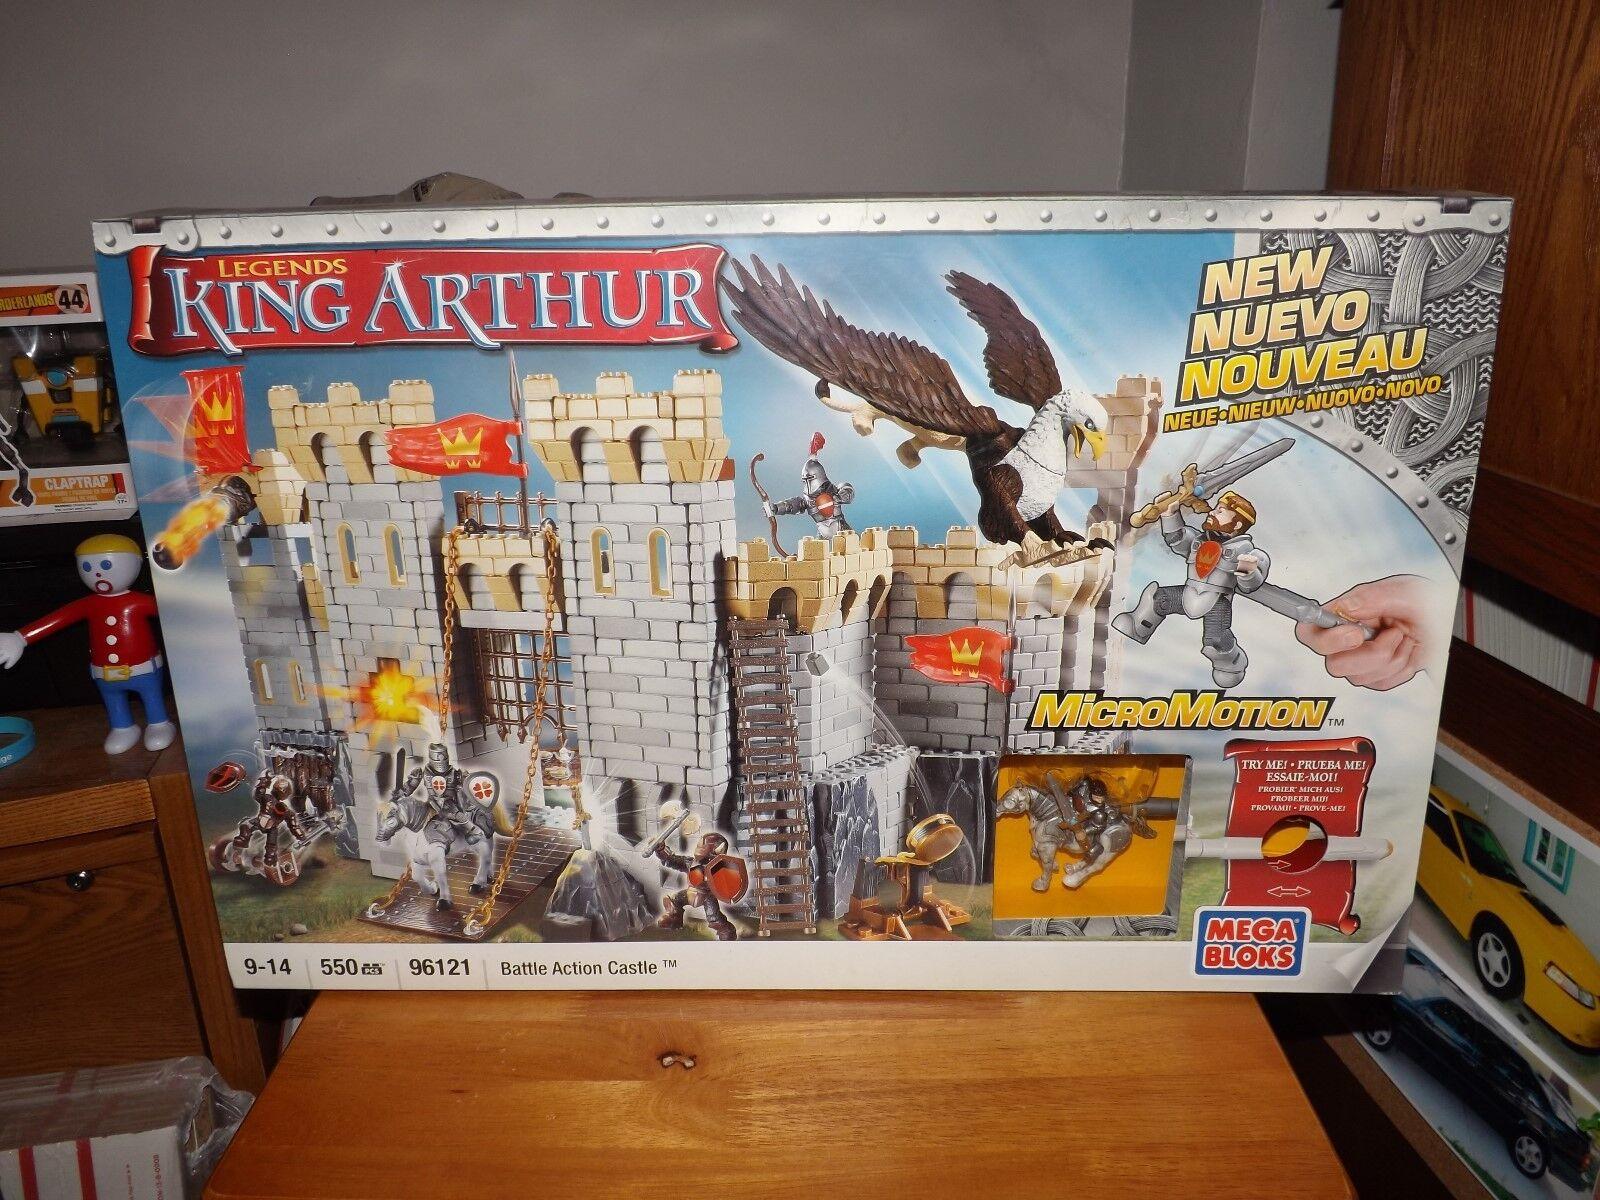 MEGA BLOKS, KING ARTHUR, BATTLE ACTION CASTLE,  96121, NEW IN BOX, 2008